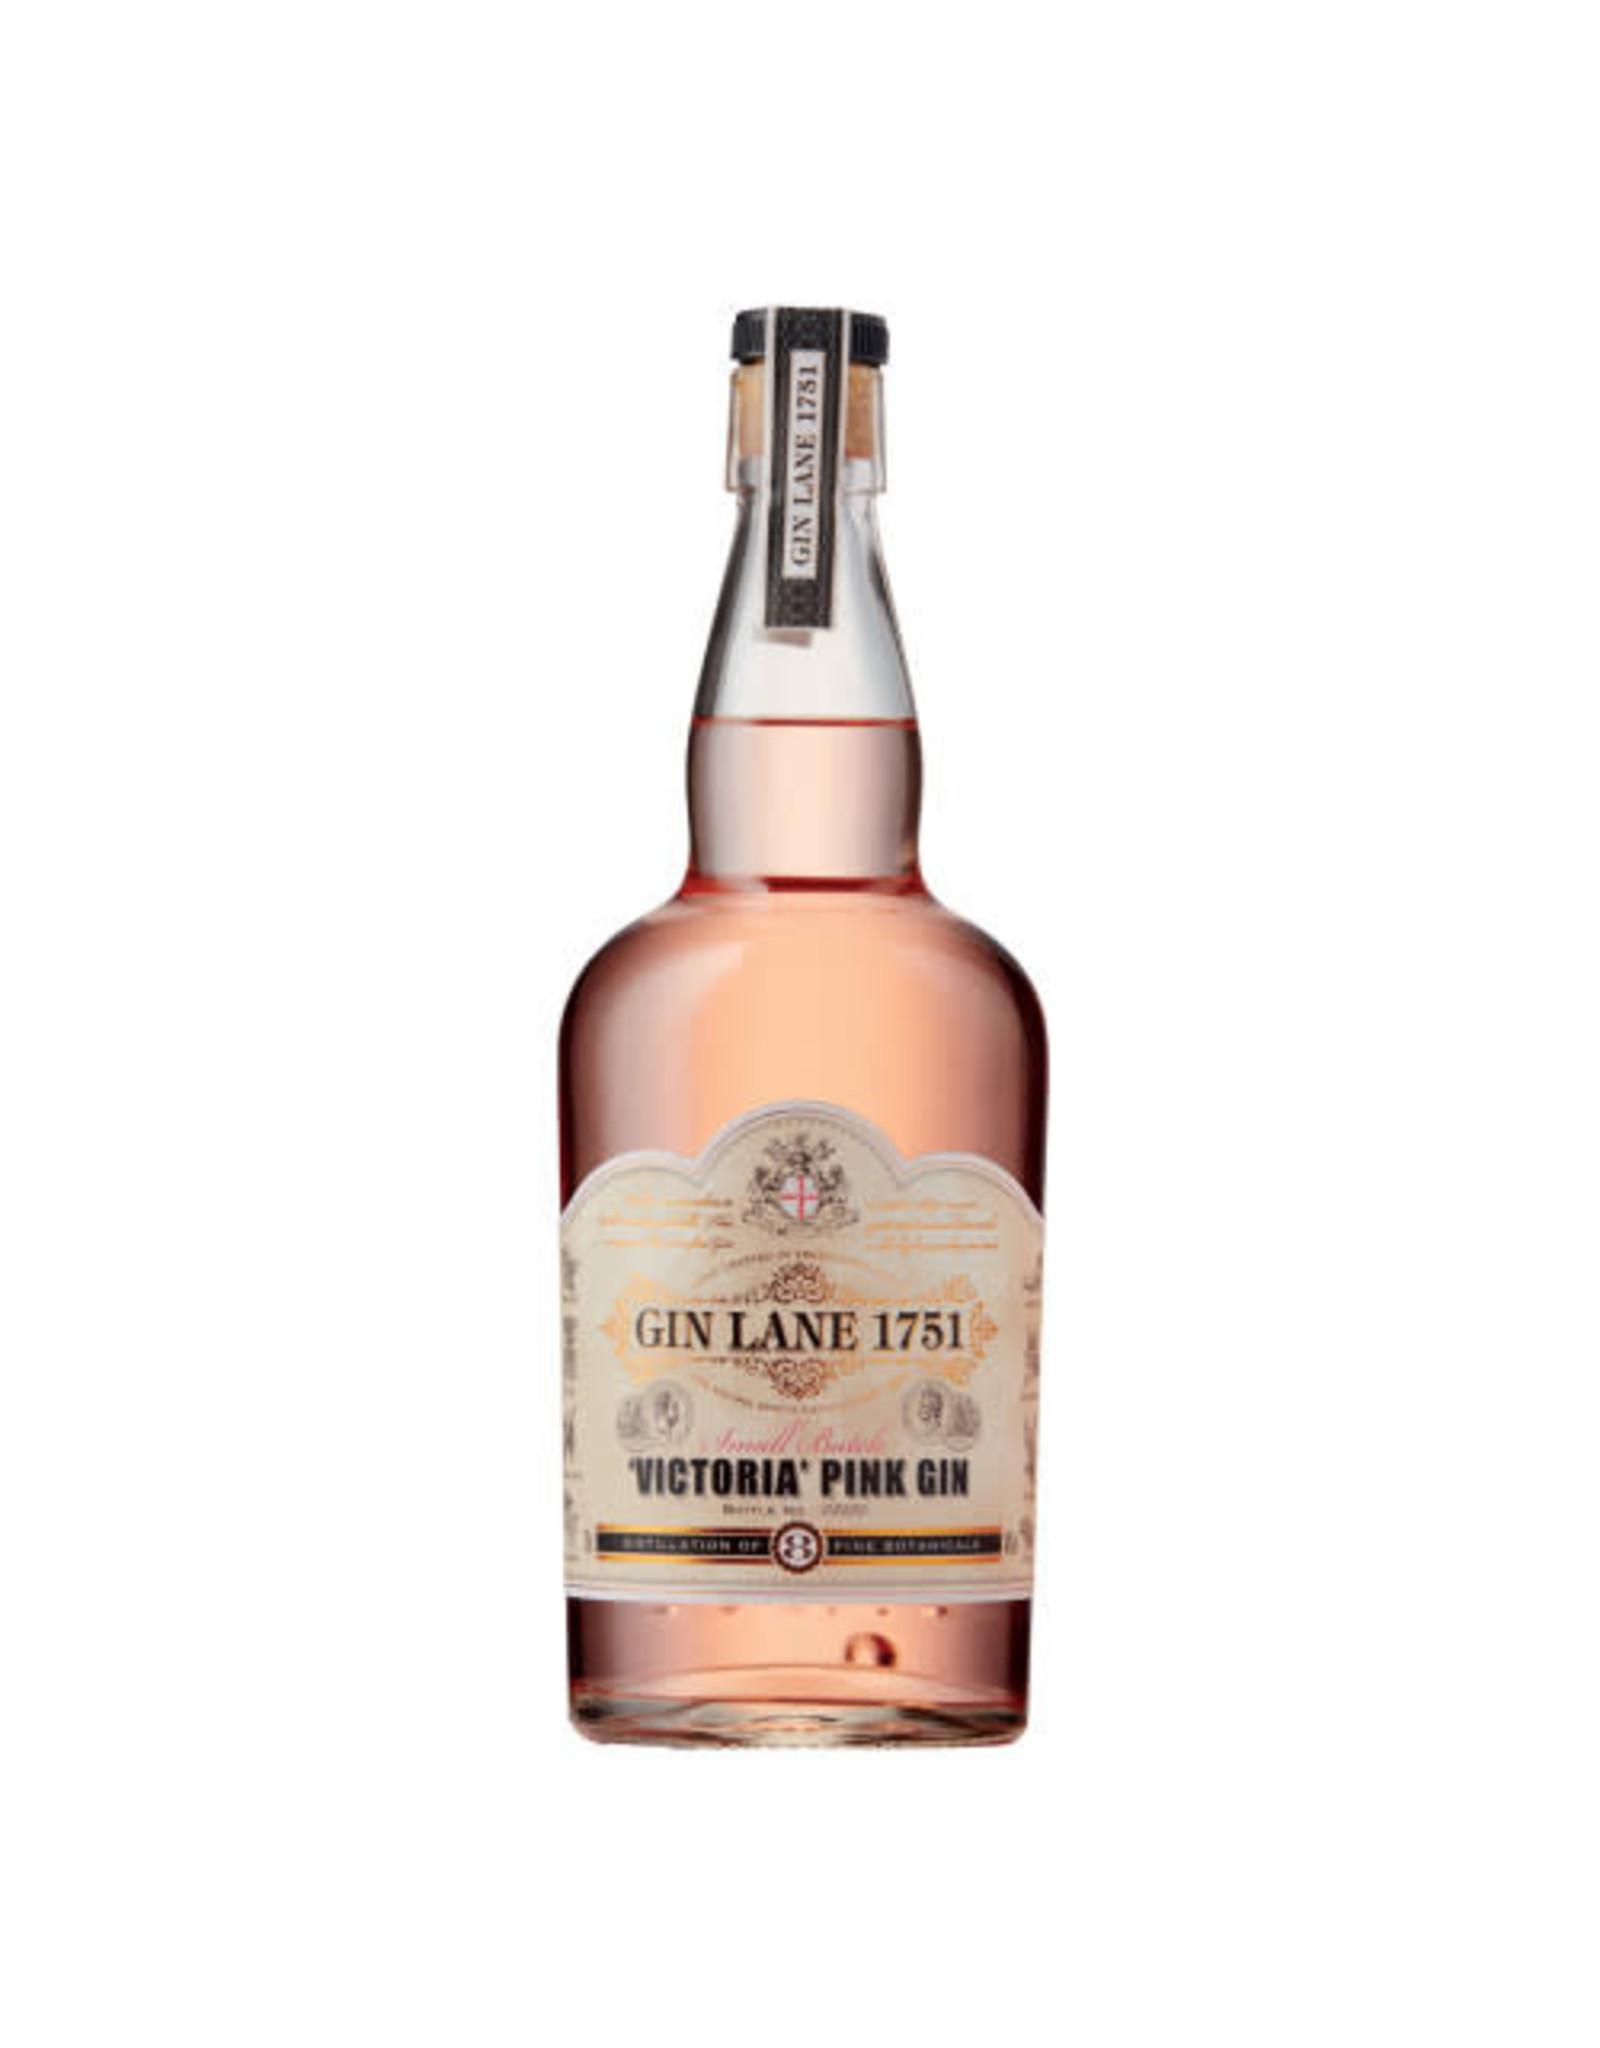 England Gin Lane 1751 Victoria Pink Gin